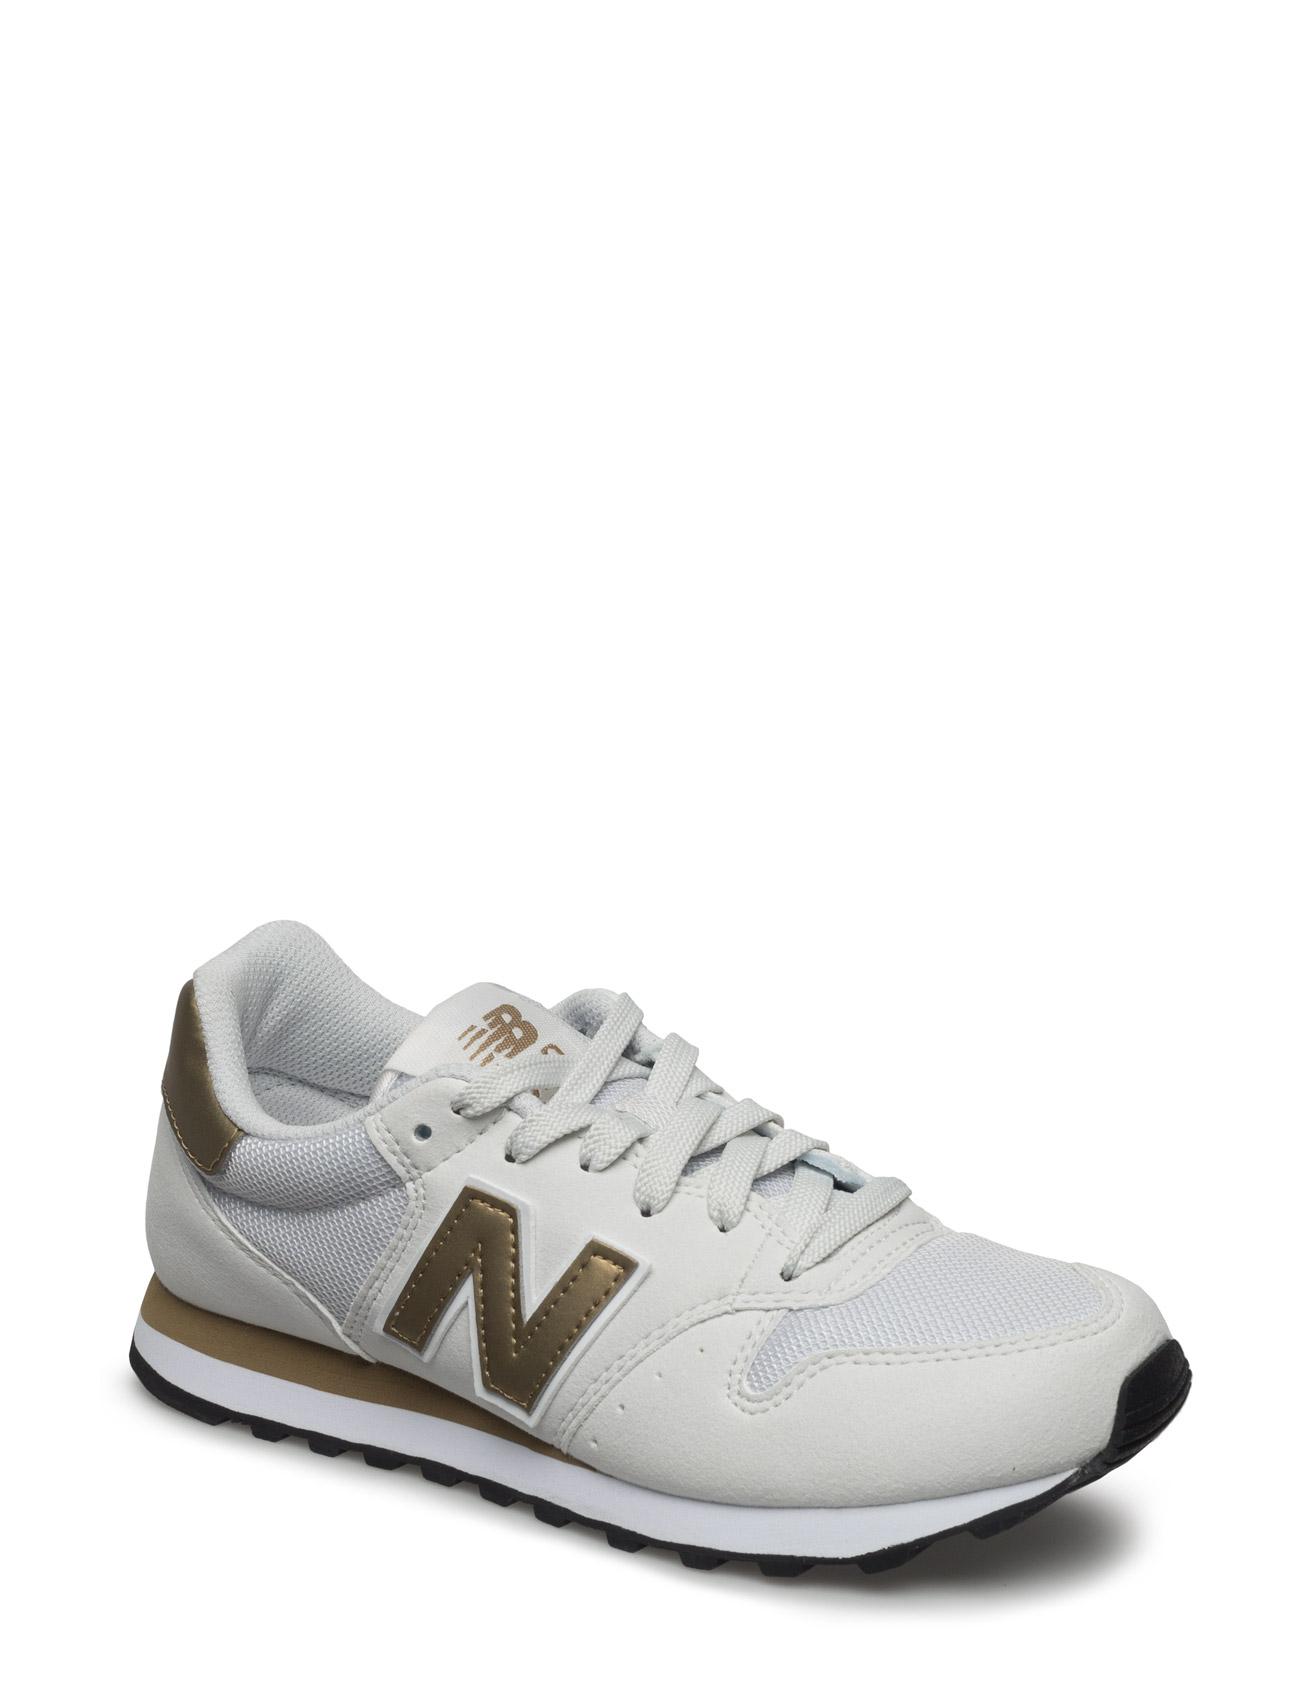 Gw500wg New Balance Sneakers til Damer i